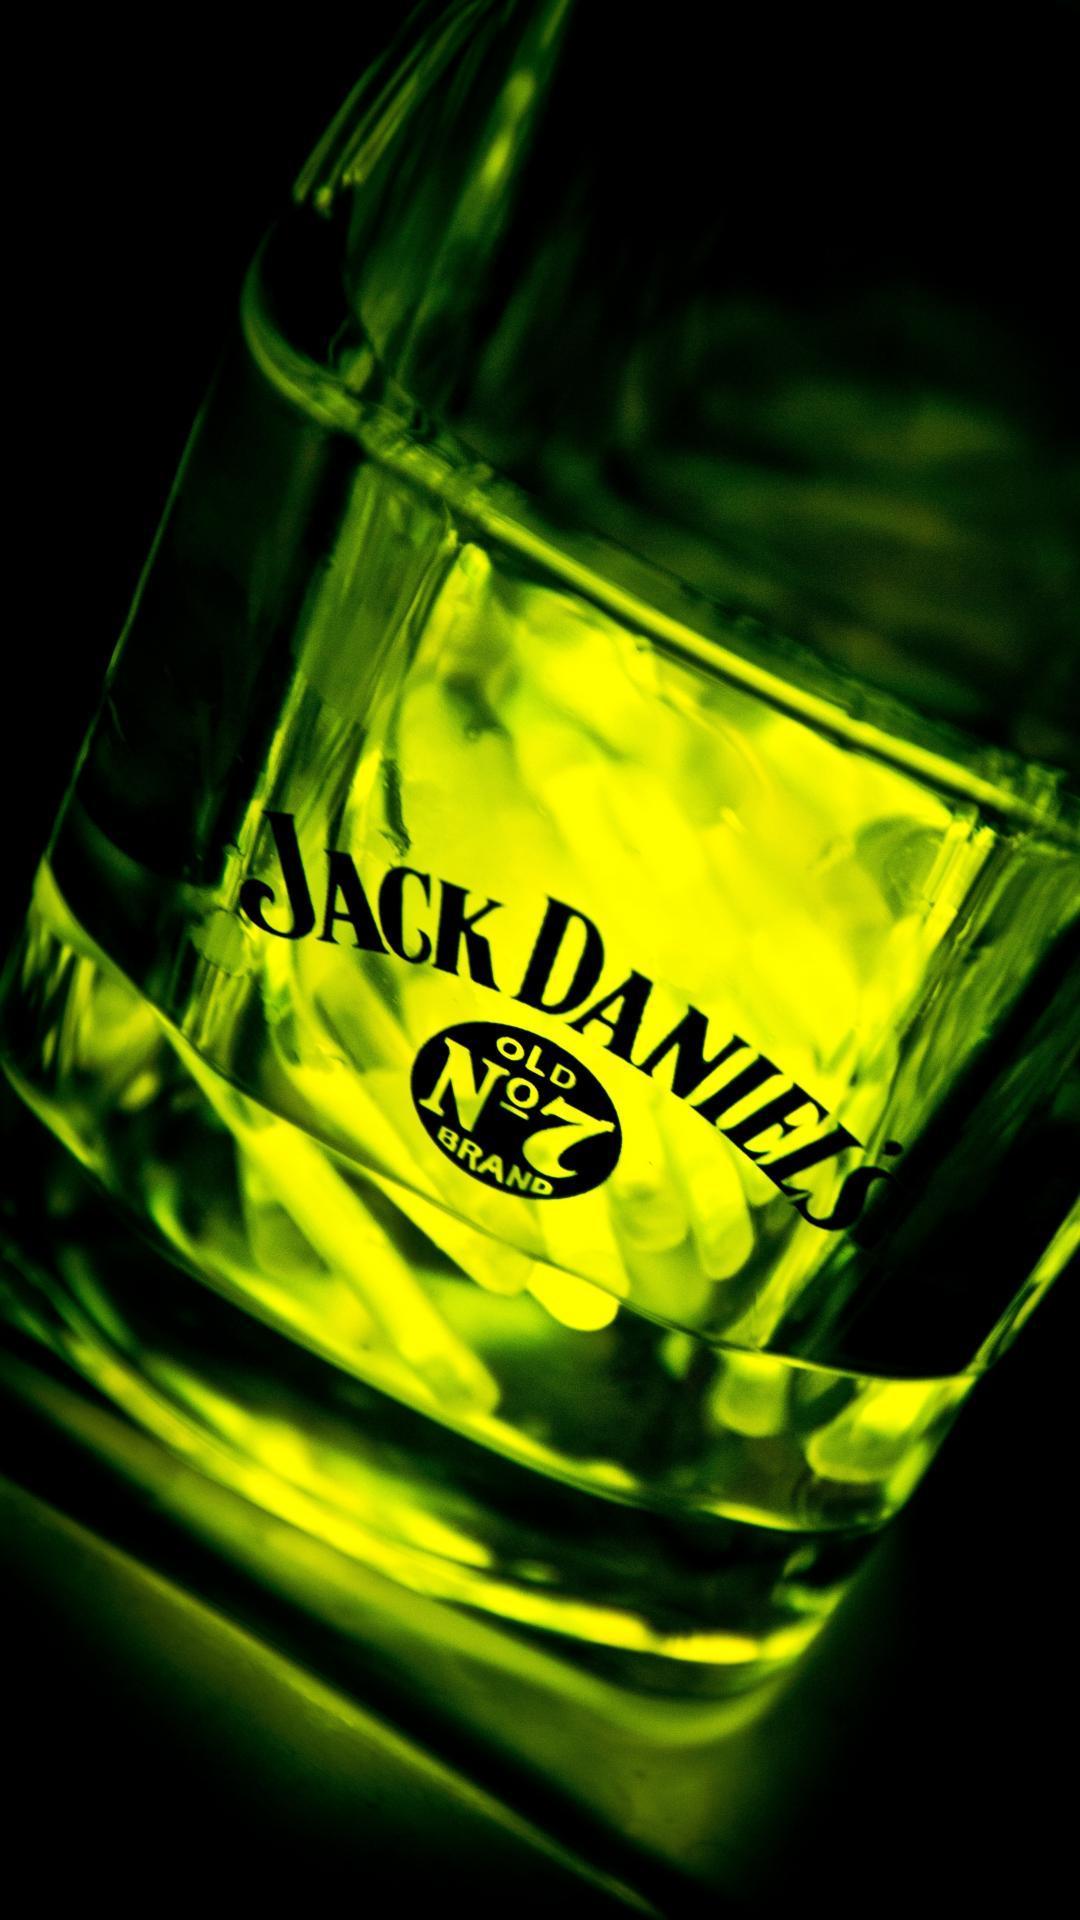 Jack Daniel HD Mobile Wallpapers Wallpaper Cave